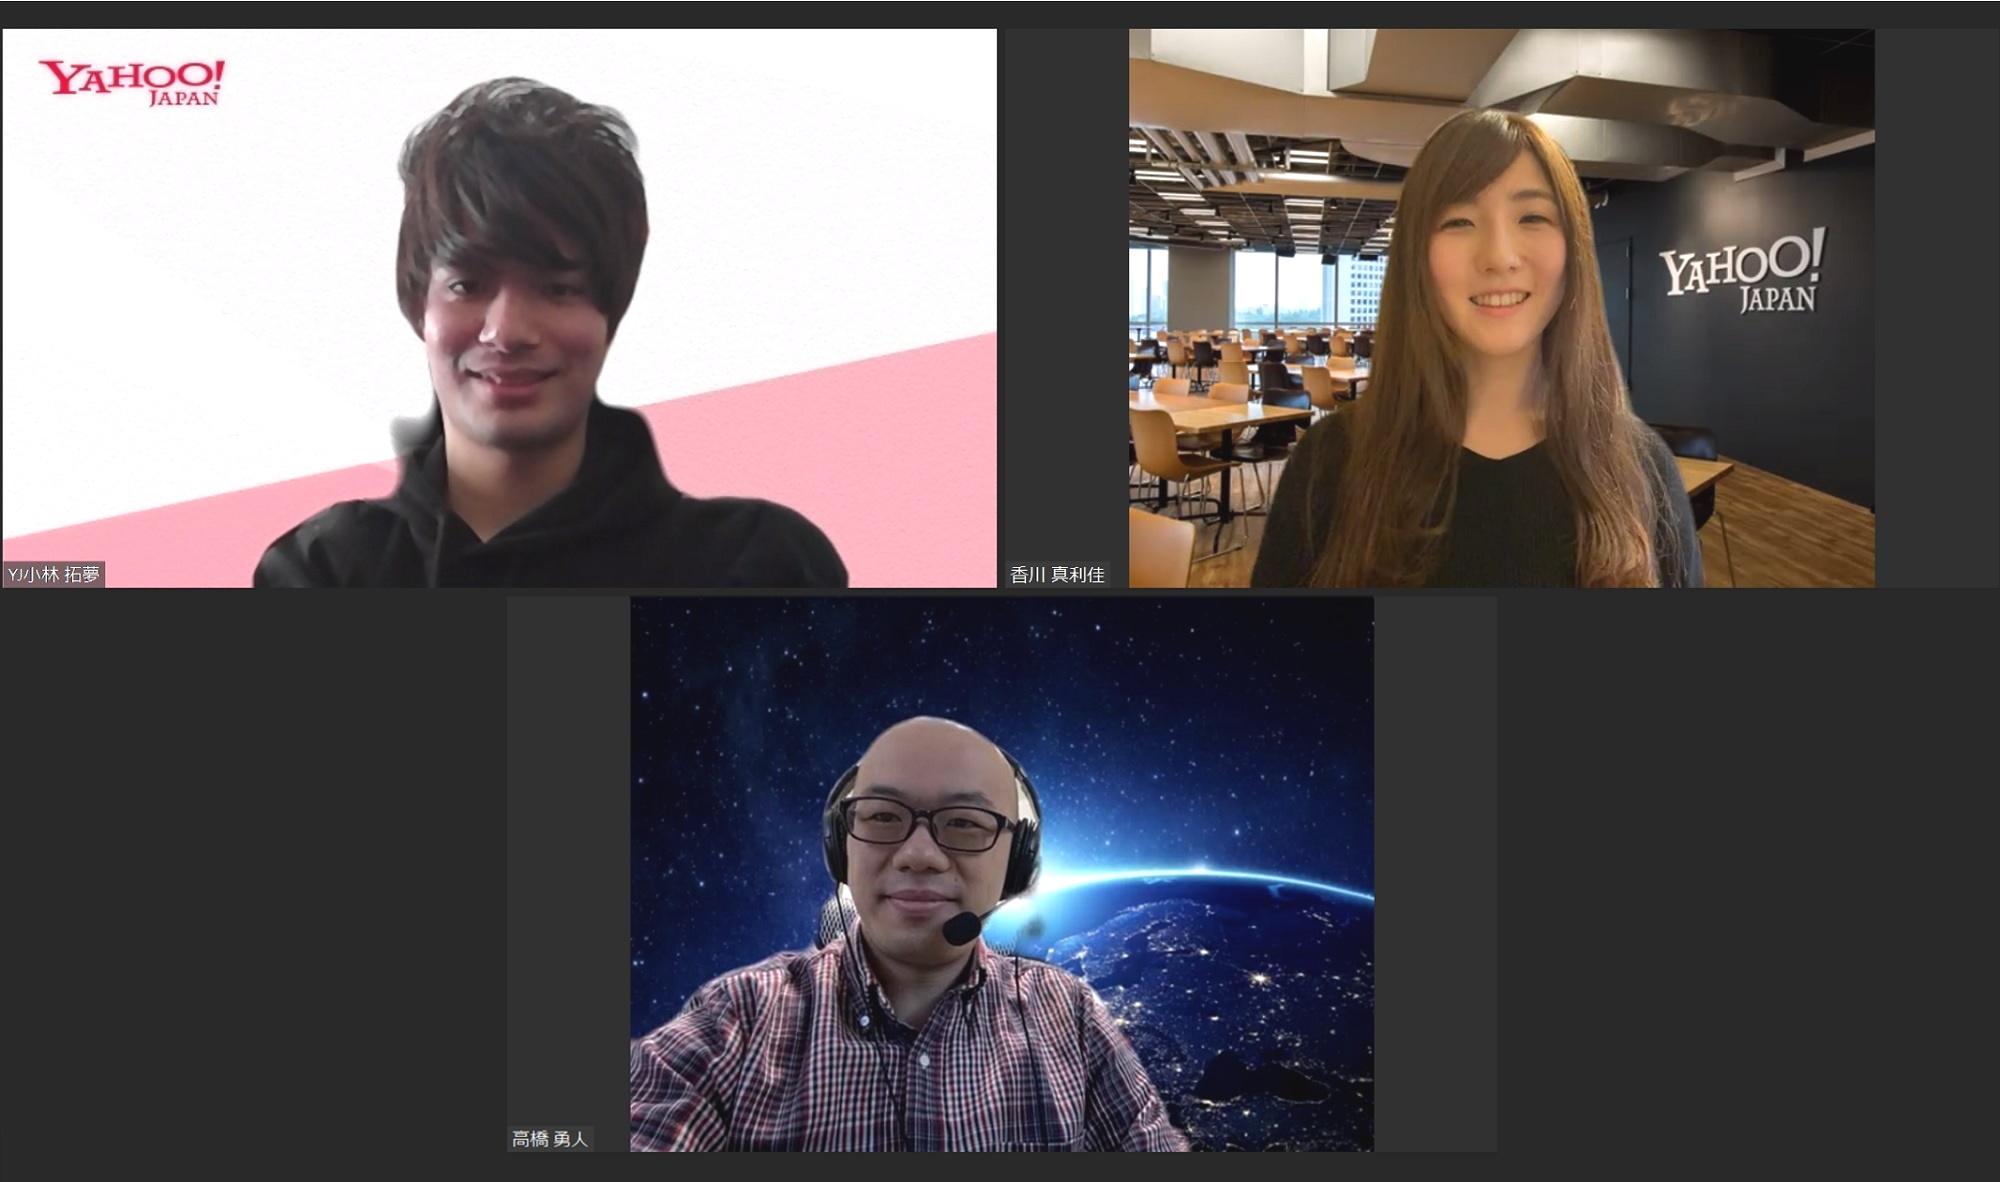 インタビュアー3名がオンライン会議システムを使用し、対談を行っている様子の写真